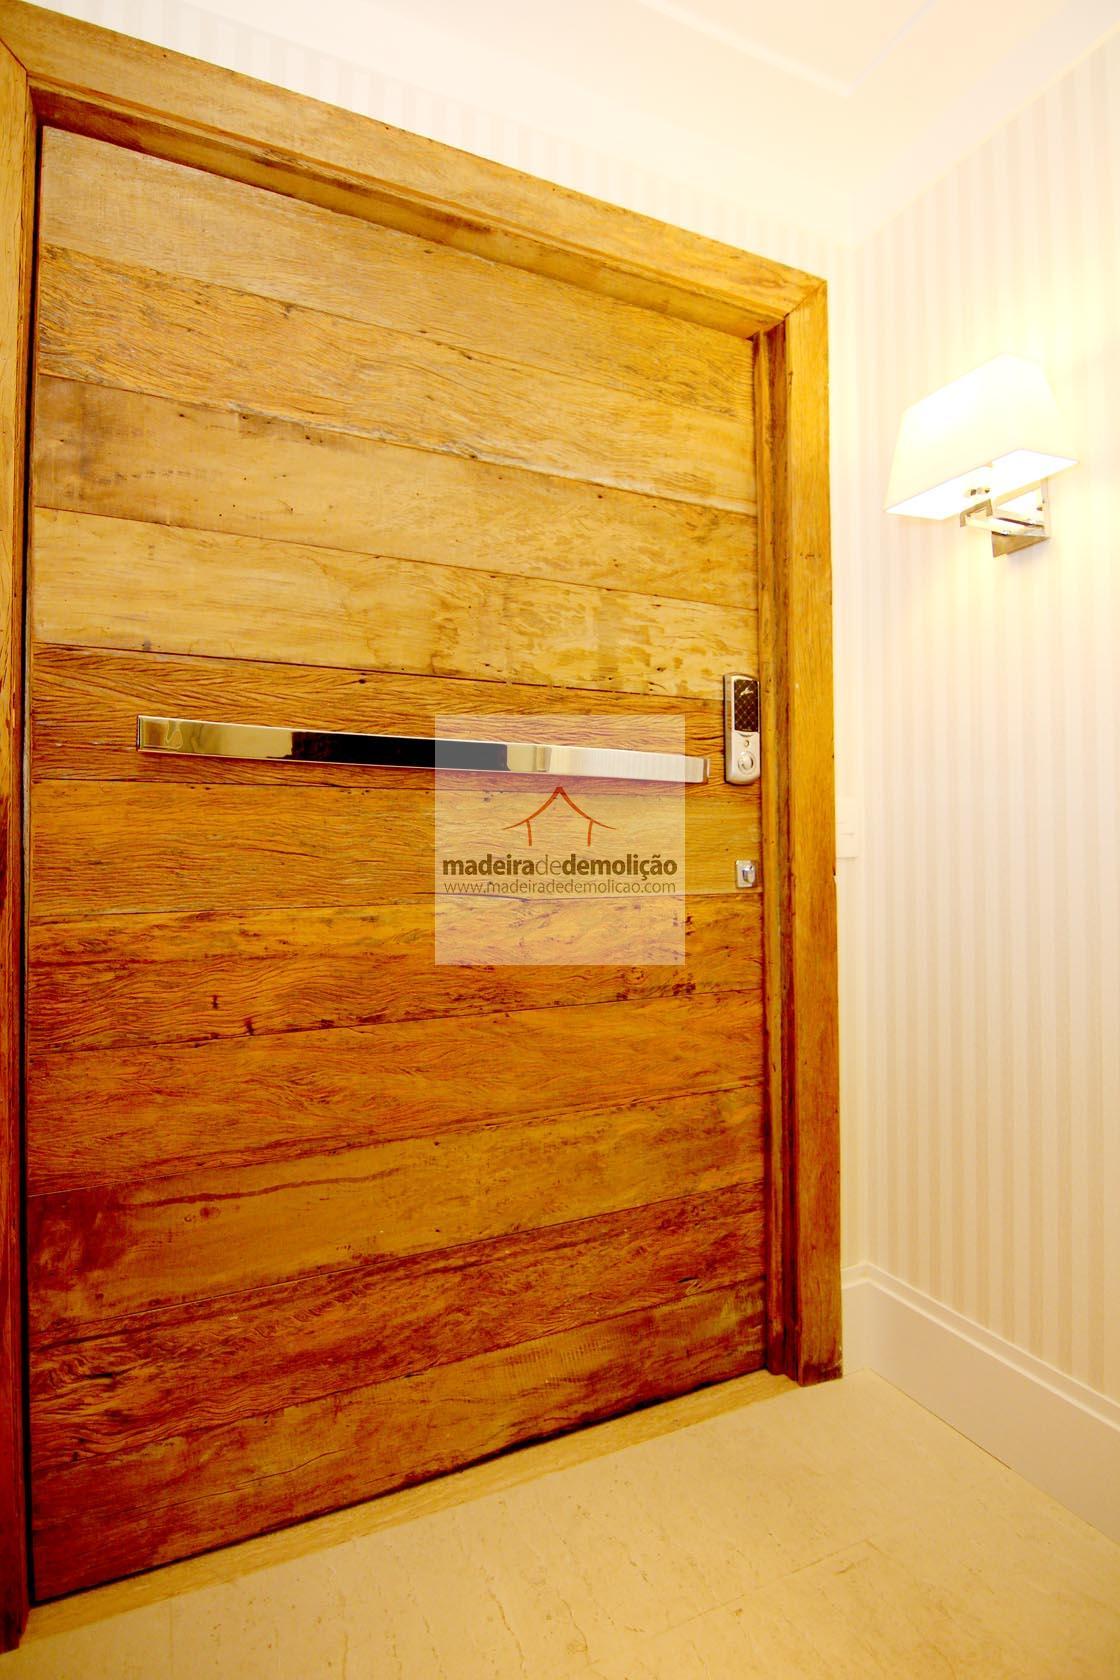 Portas de Demolição Madeira de Demolição #B14C07 1120x1680